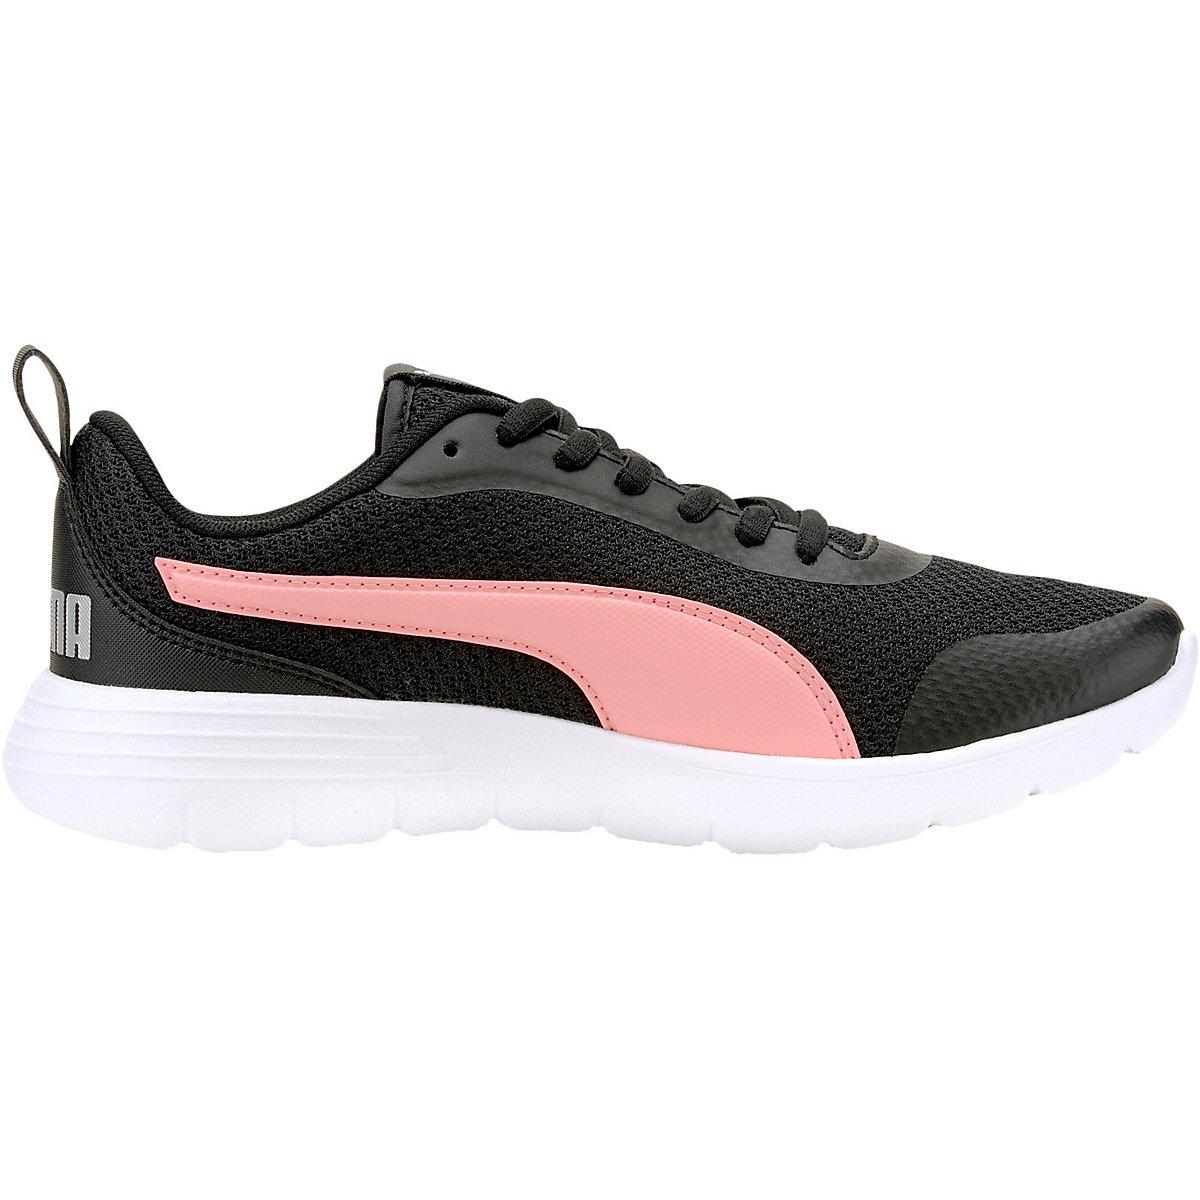 Puma, Sneakers Flex Renew Jr Für Mädchen, Schwarz/pink